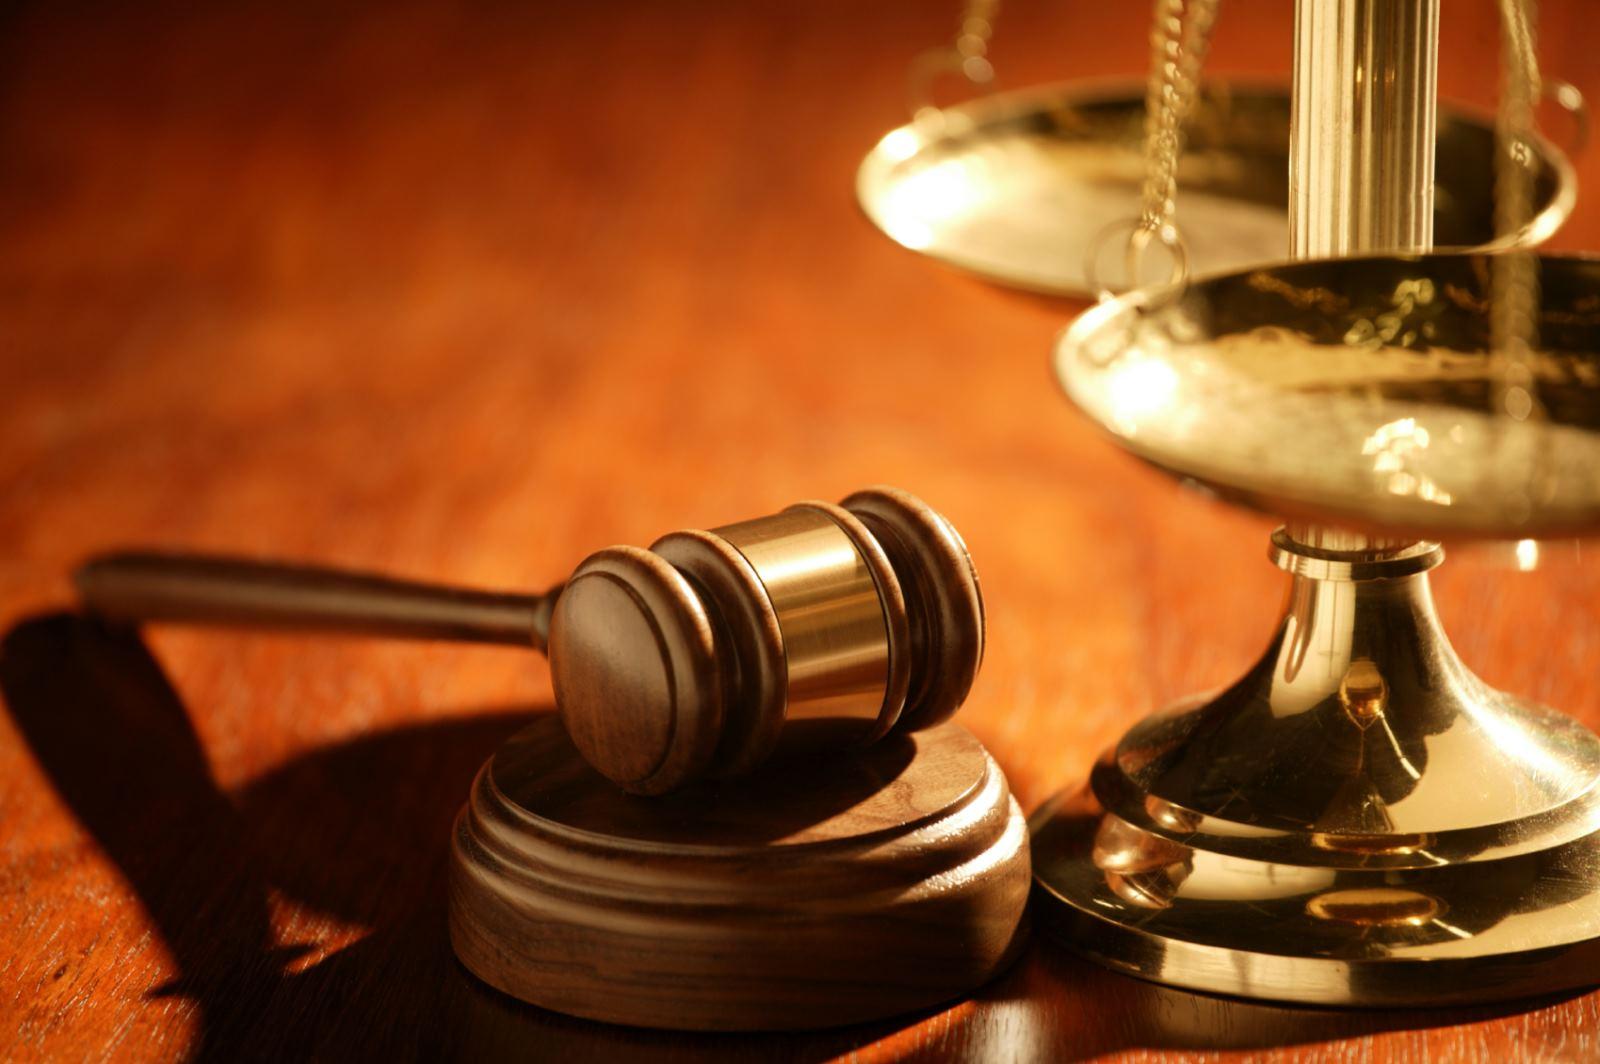 Высший совет юстиции зафиксировал нарушения присяги 340 судьями